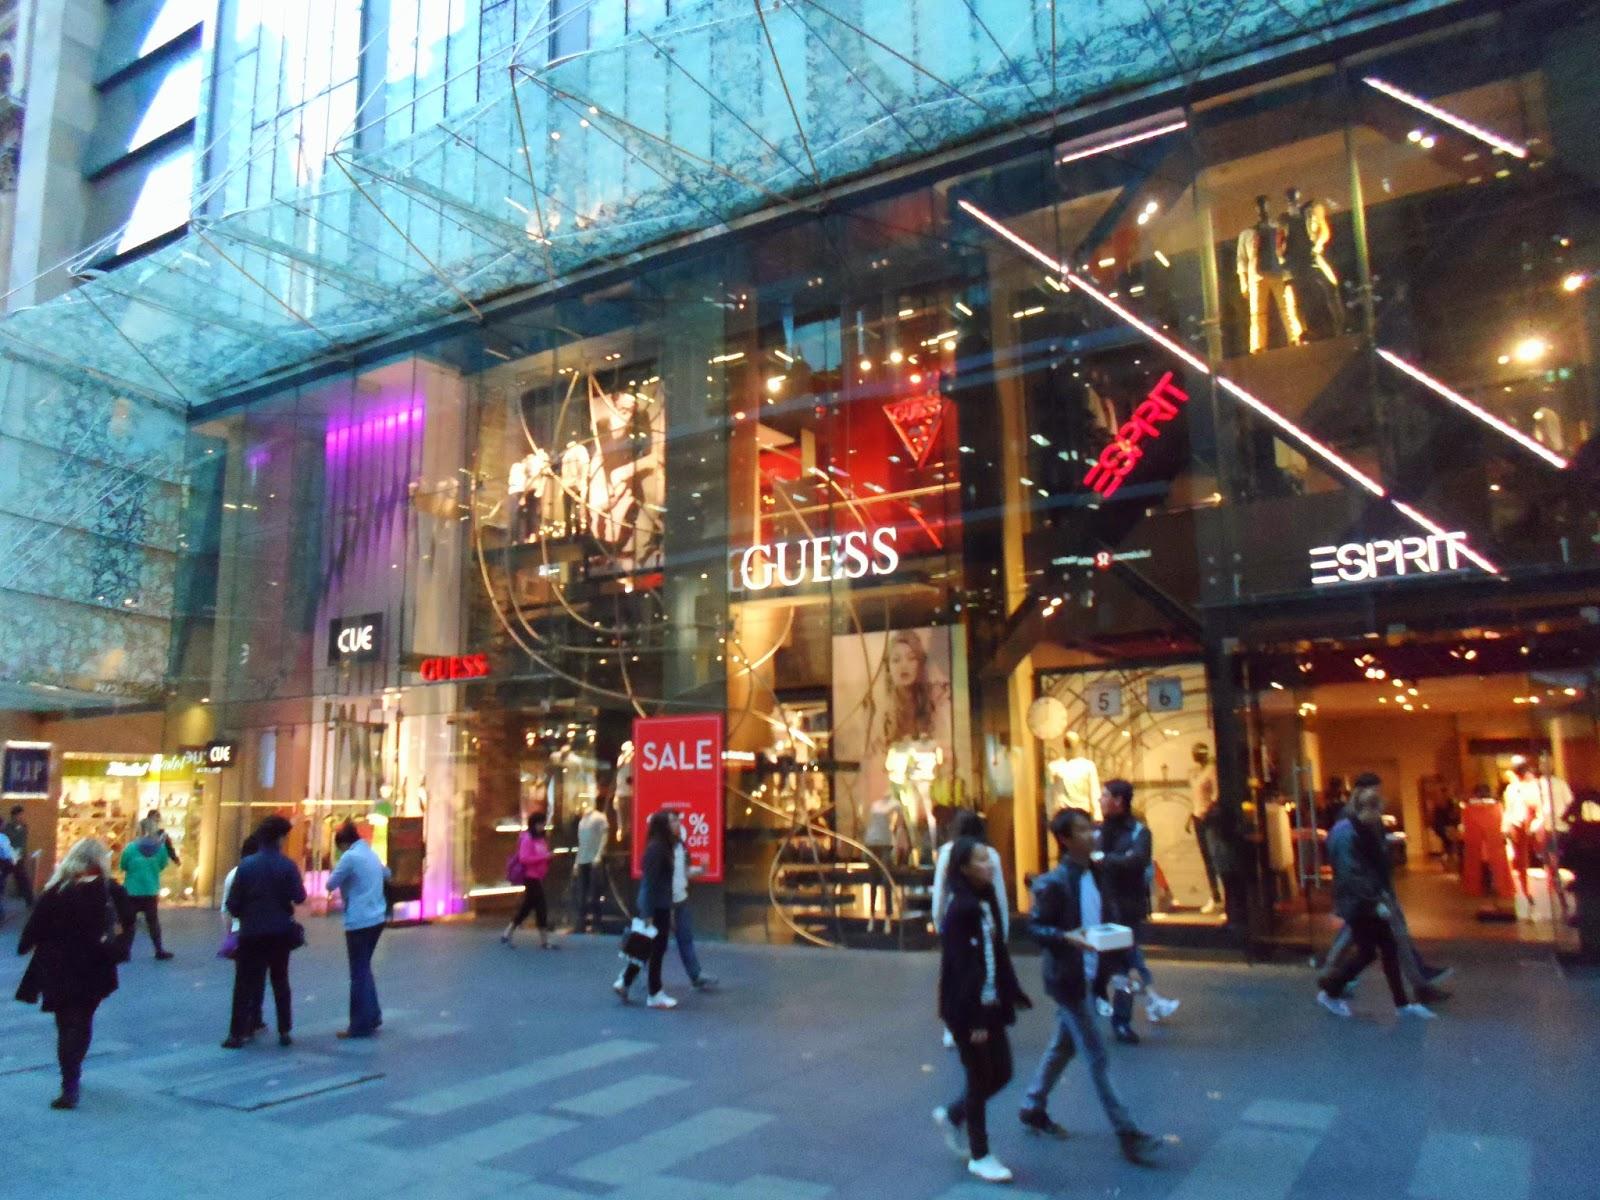 اماكن مميزة للتسوق في استراليا